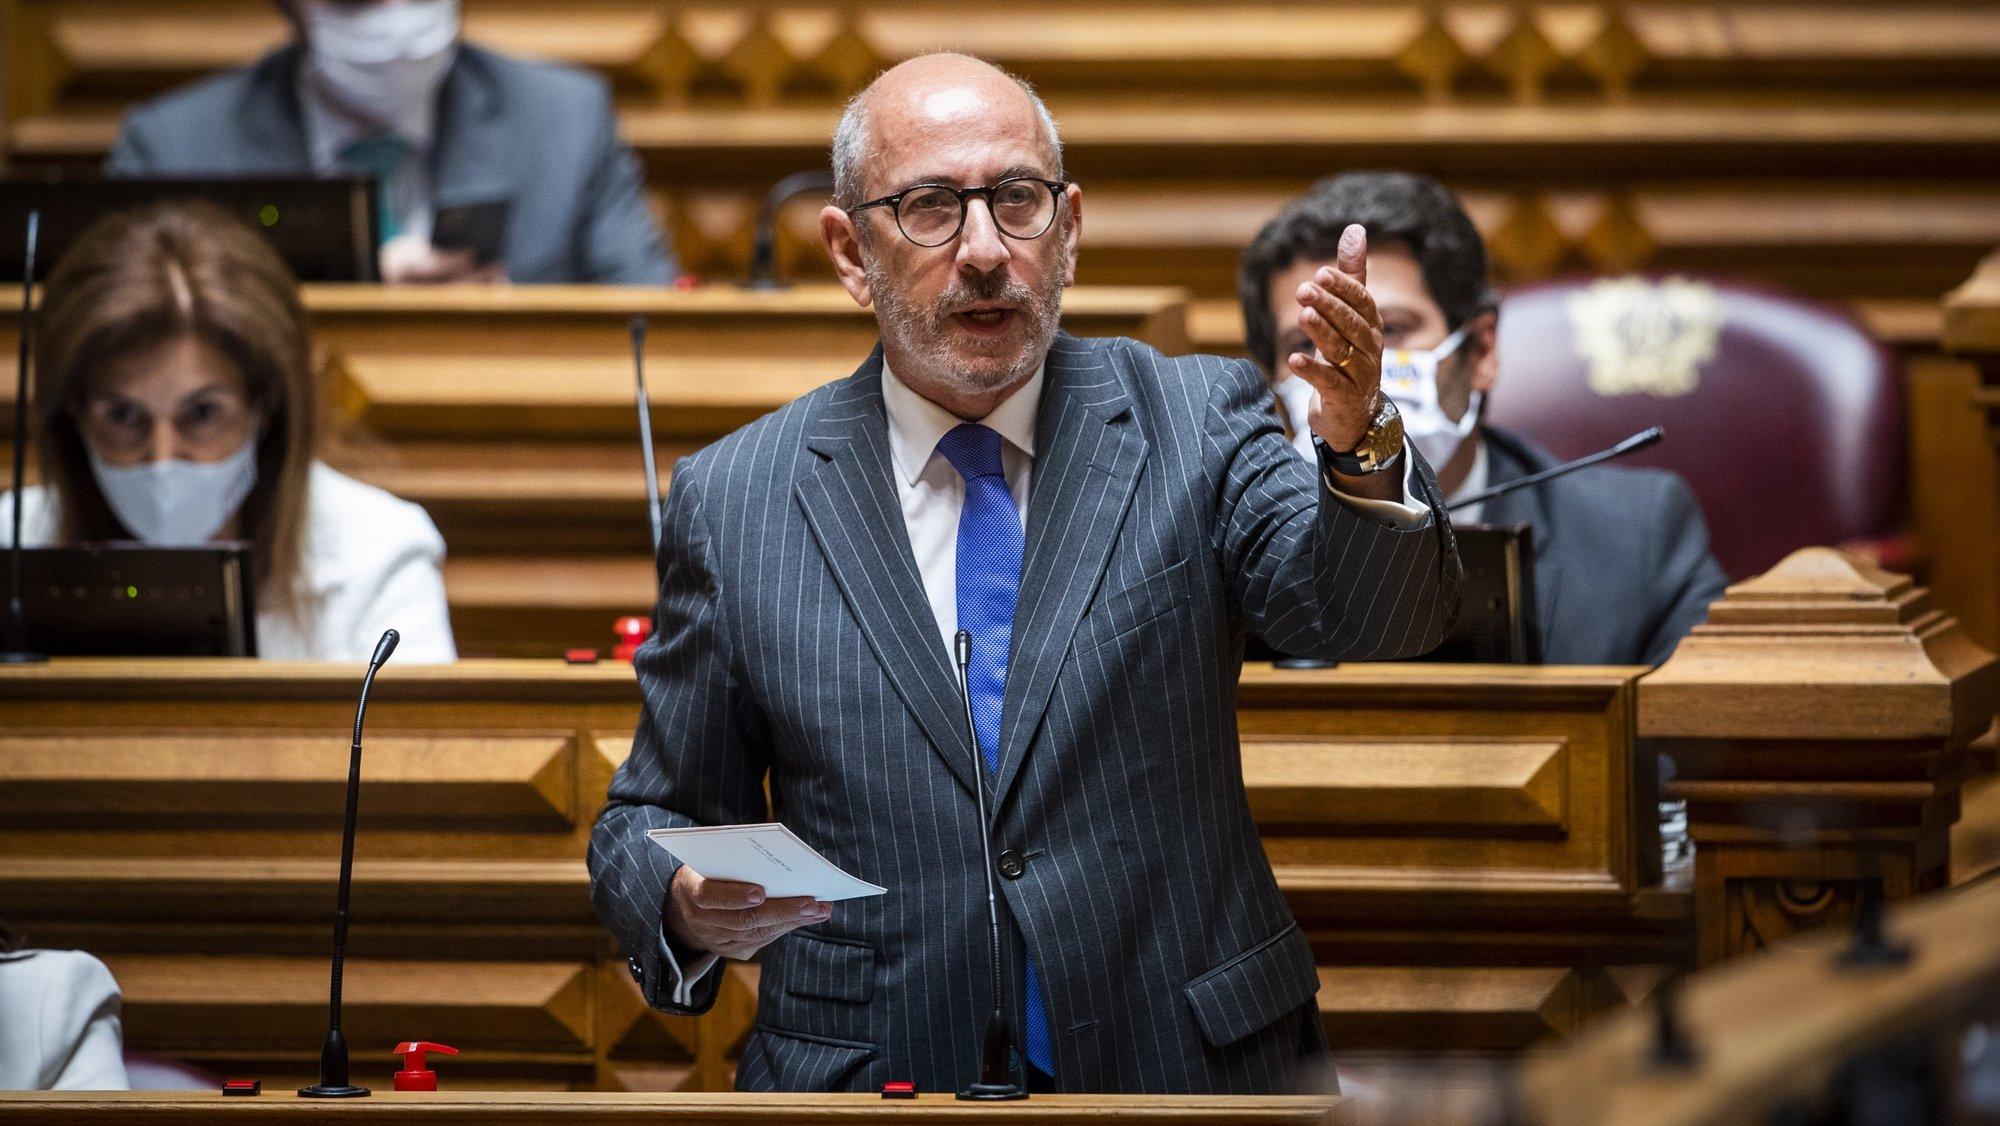 O líder parlamentar do CDS-PP, Telmo Correia, usa da palavra, durante o debate quinzenal, na Assembleia da República, em Lisboa, 03 de junho de 2020. JOSÉ SENA GOULÃO/LUSA